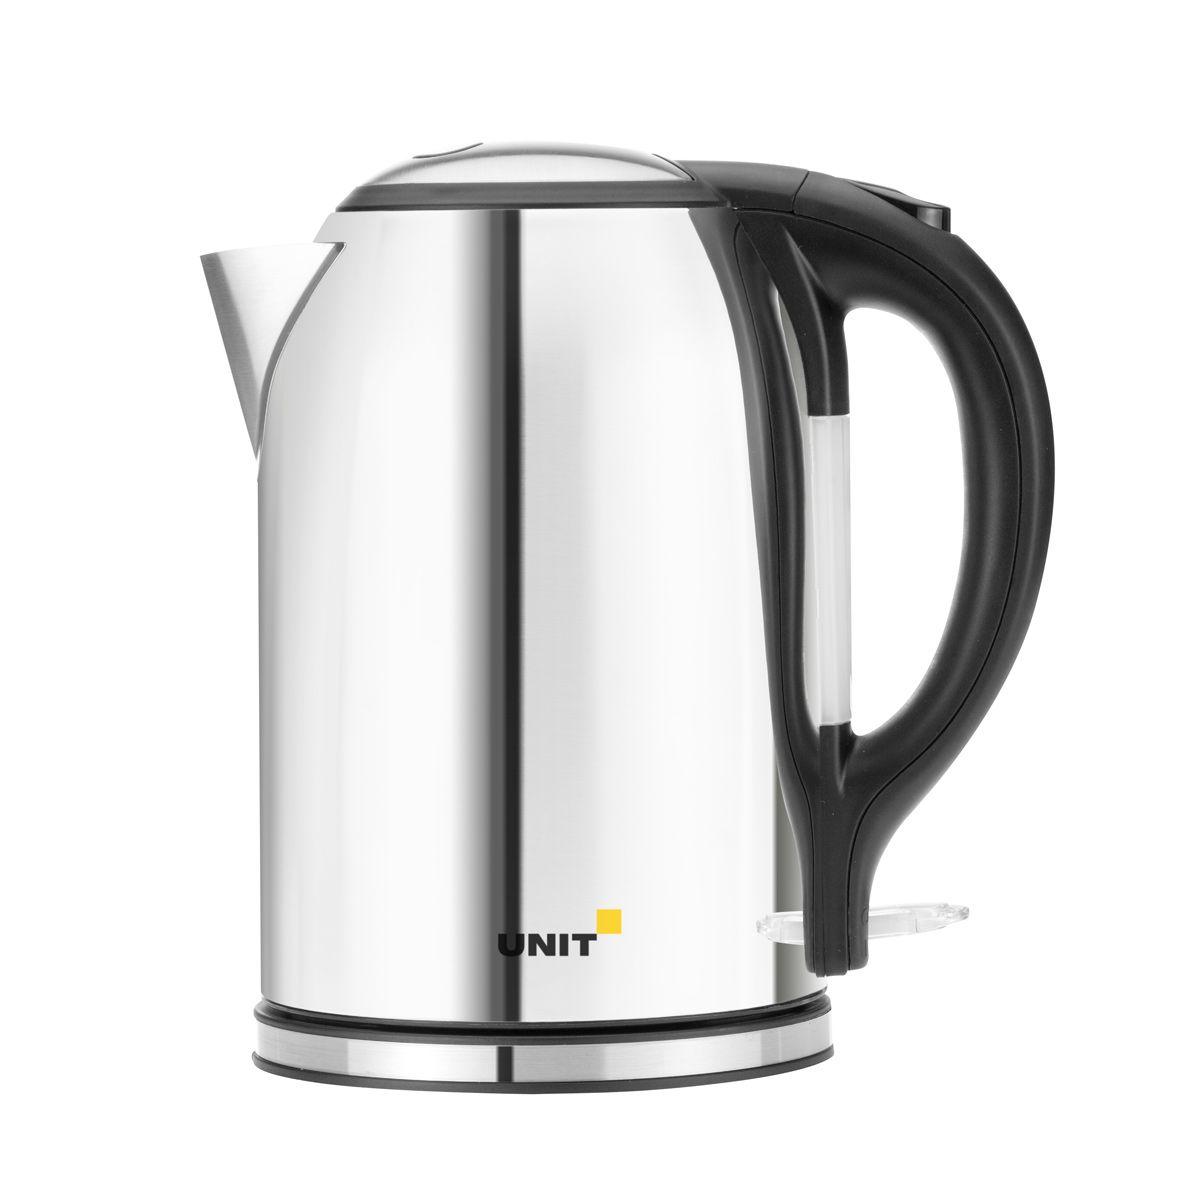 Unit UEK-266, Gloss электрический чайникCE-0350667Unit UEK-266 - это электрический со строгим дизайном и мощностью 2000 Вт. Корпус устройства выполнен из блестящей нержавеющей стали. Такой необычный кухонный прибор безусловно станет центром посиделок в кругу семьи. Стальной корпус чайника сохранит для вас полезные и вкусовые качества воды. Данная модель оснащена встроенным скрытым нагревательным элементом. Это снижает образование накипи и упрощает очистку, продлевая тем самым срок службы чайника. Новинка оснащена индикаторной лампочкой и отсеком для хранения шнура. Прибор вращается на круглой подставке - базе на 360 градусов, поэтому вы без труда сможете повернуть его в любую сторону.